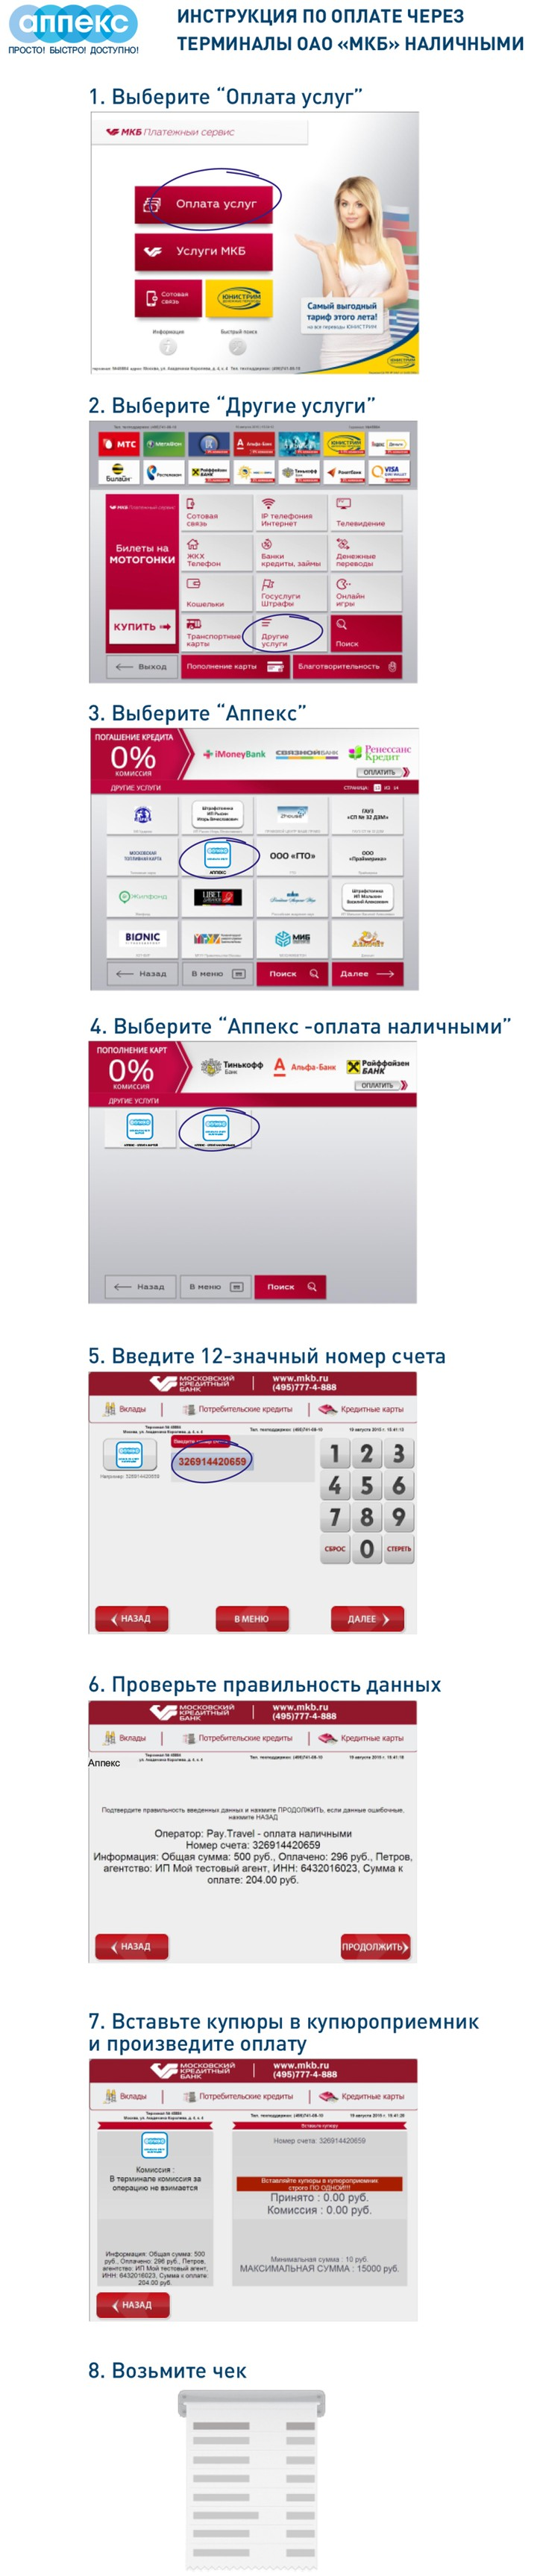 Инструкция по оплате в через терминалы ОАО «МКБ» наличными